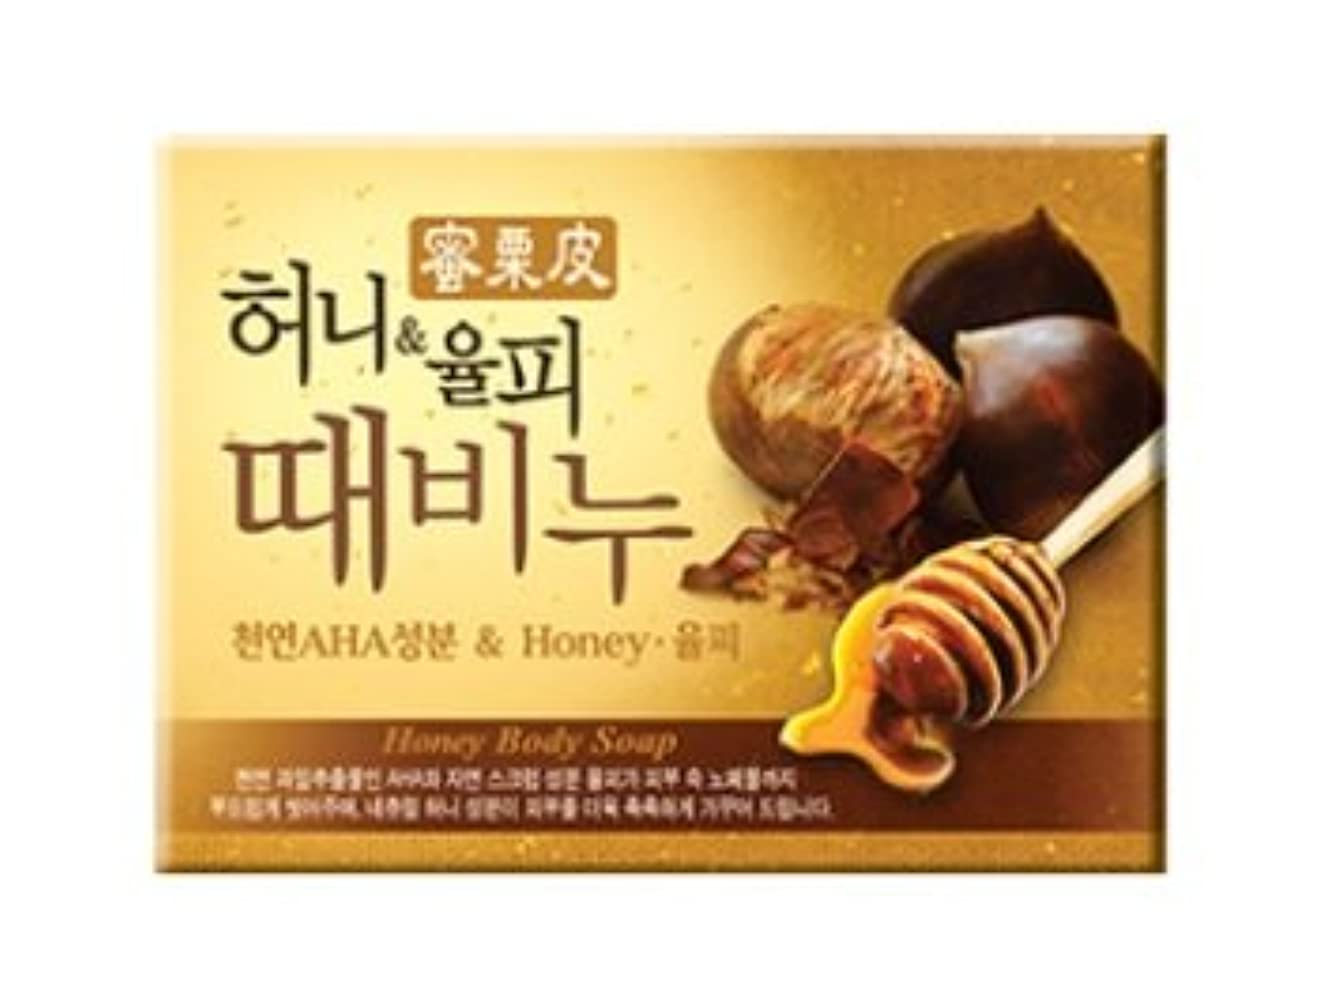 汚すワークショップ寛大なハニー栗皮 ソープ 100g / Honey Body Soap [並行輸入品]